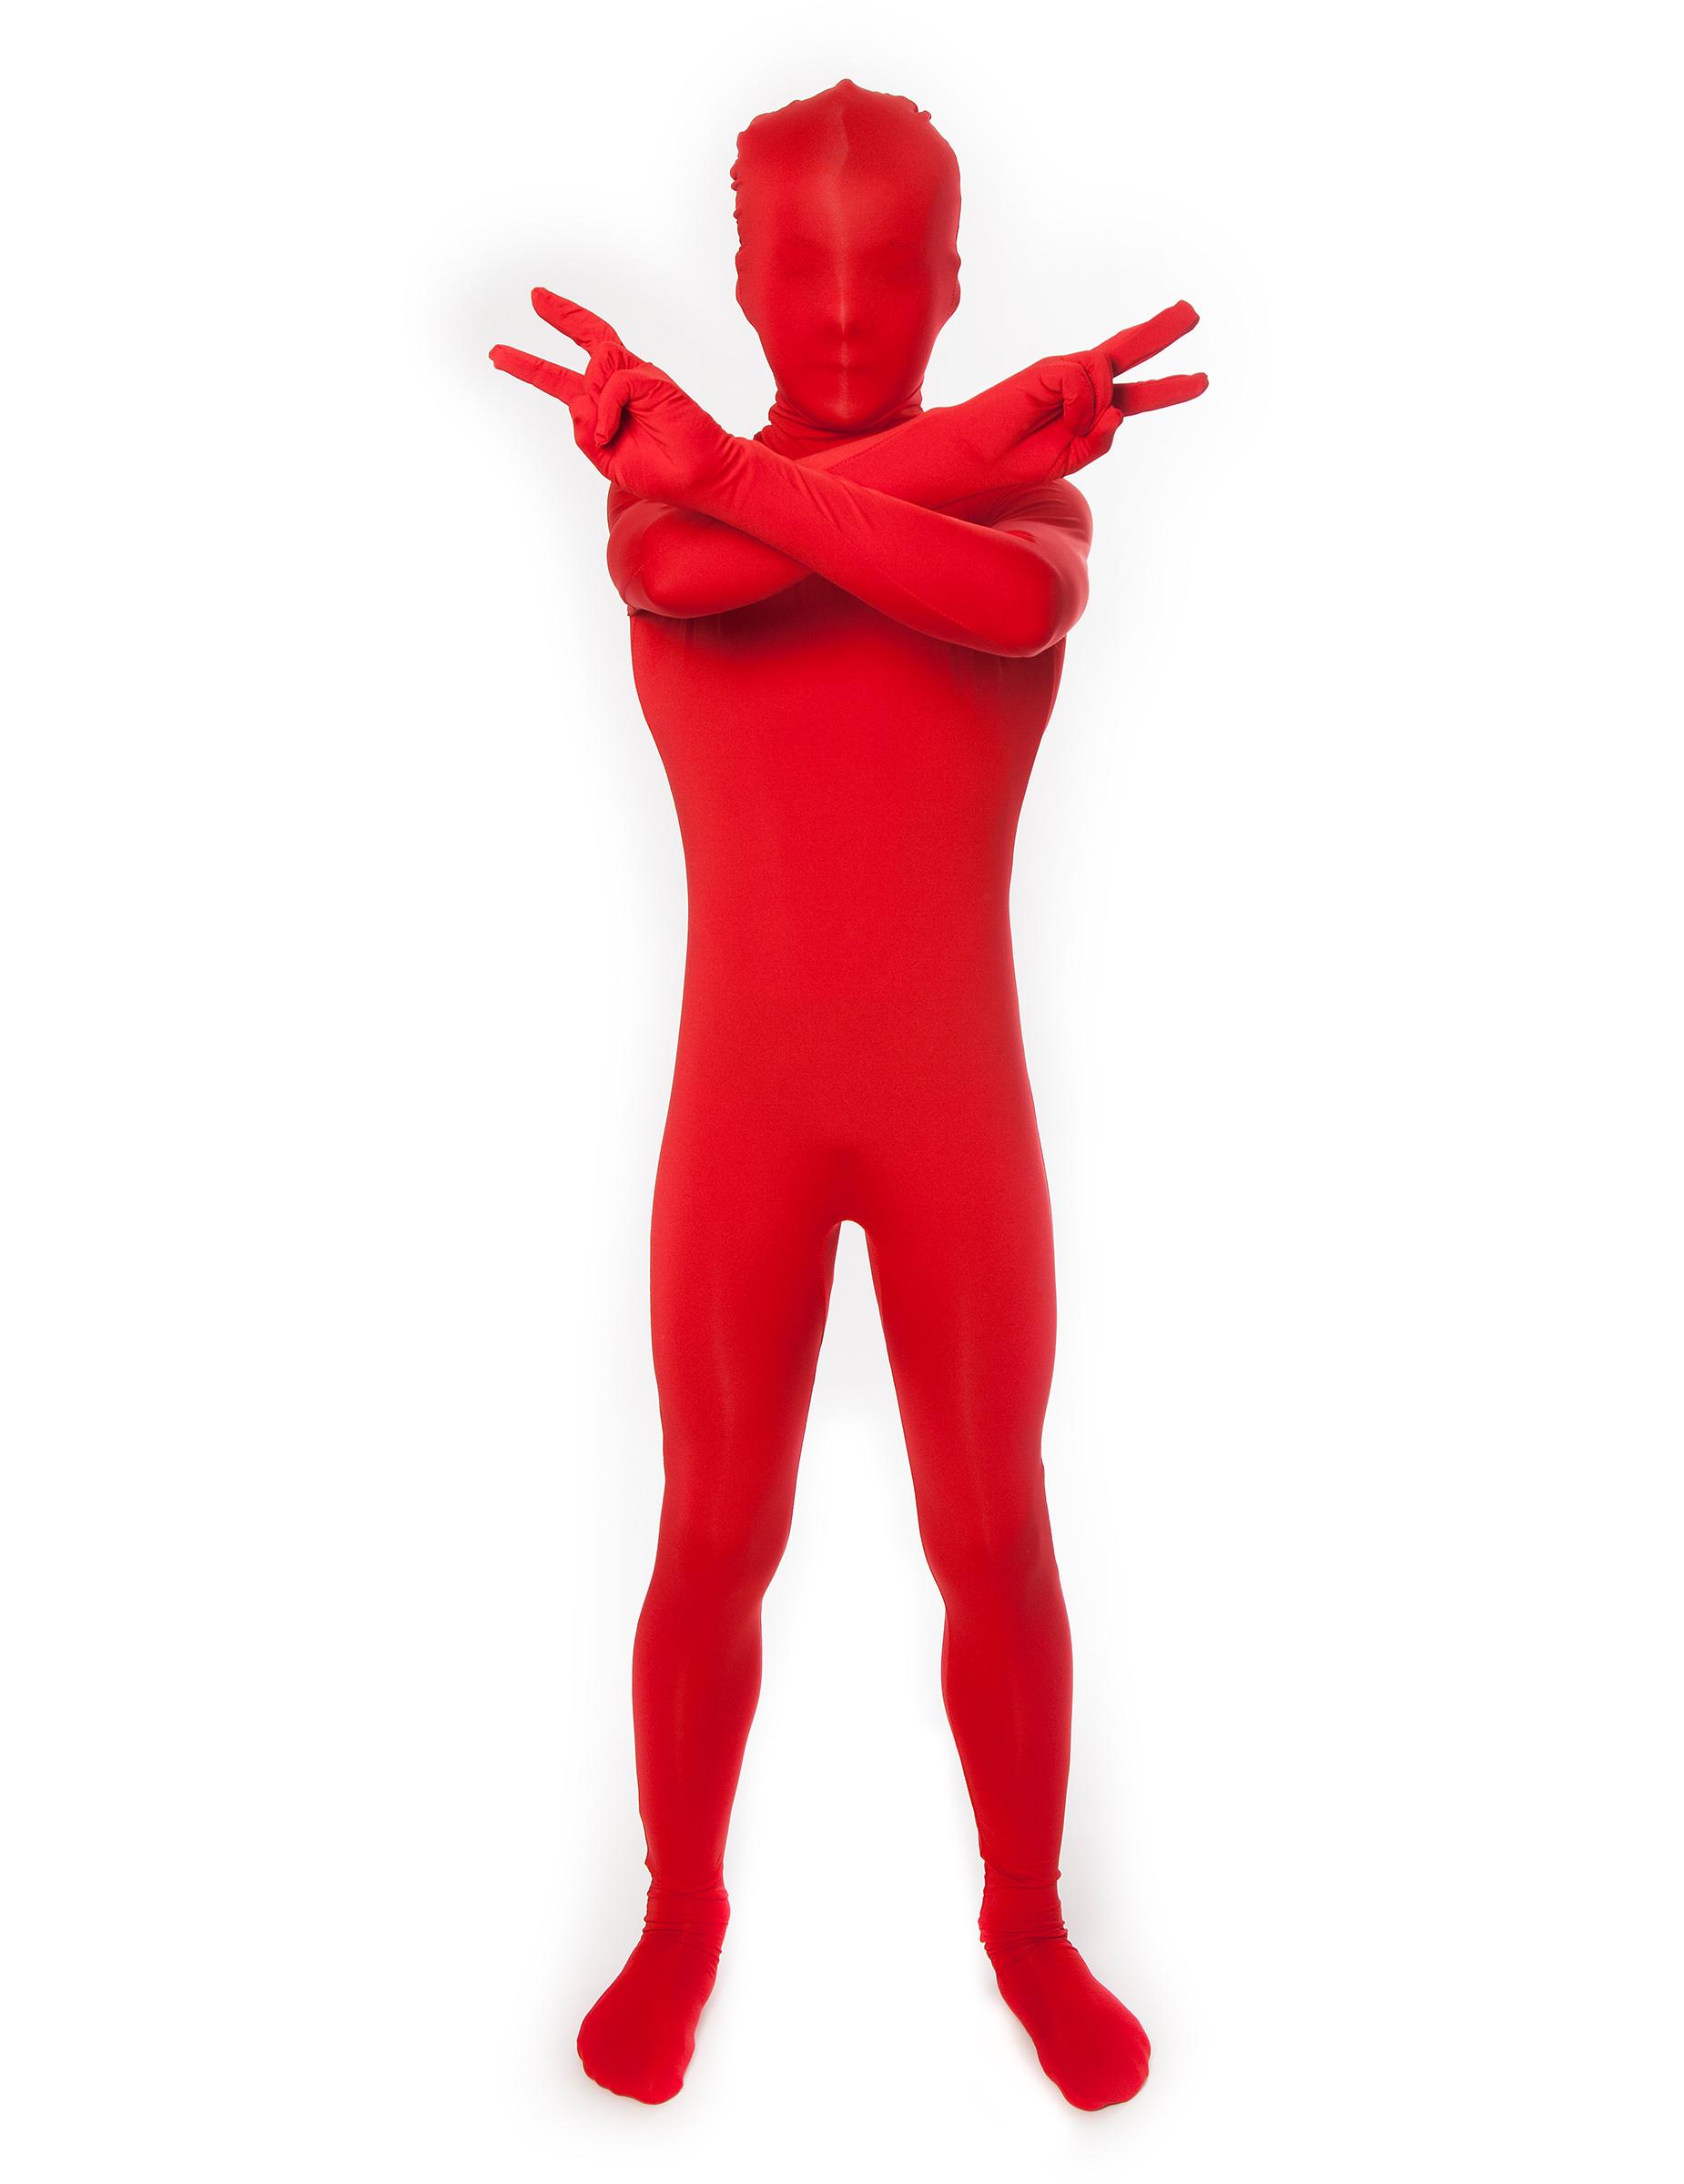 combinaison rouge deguisement